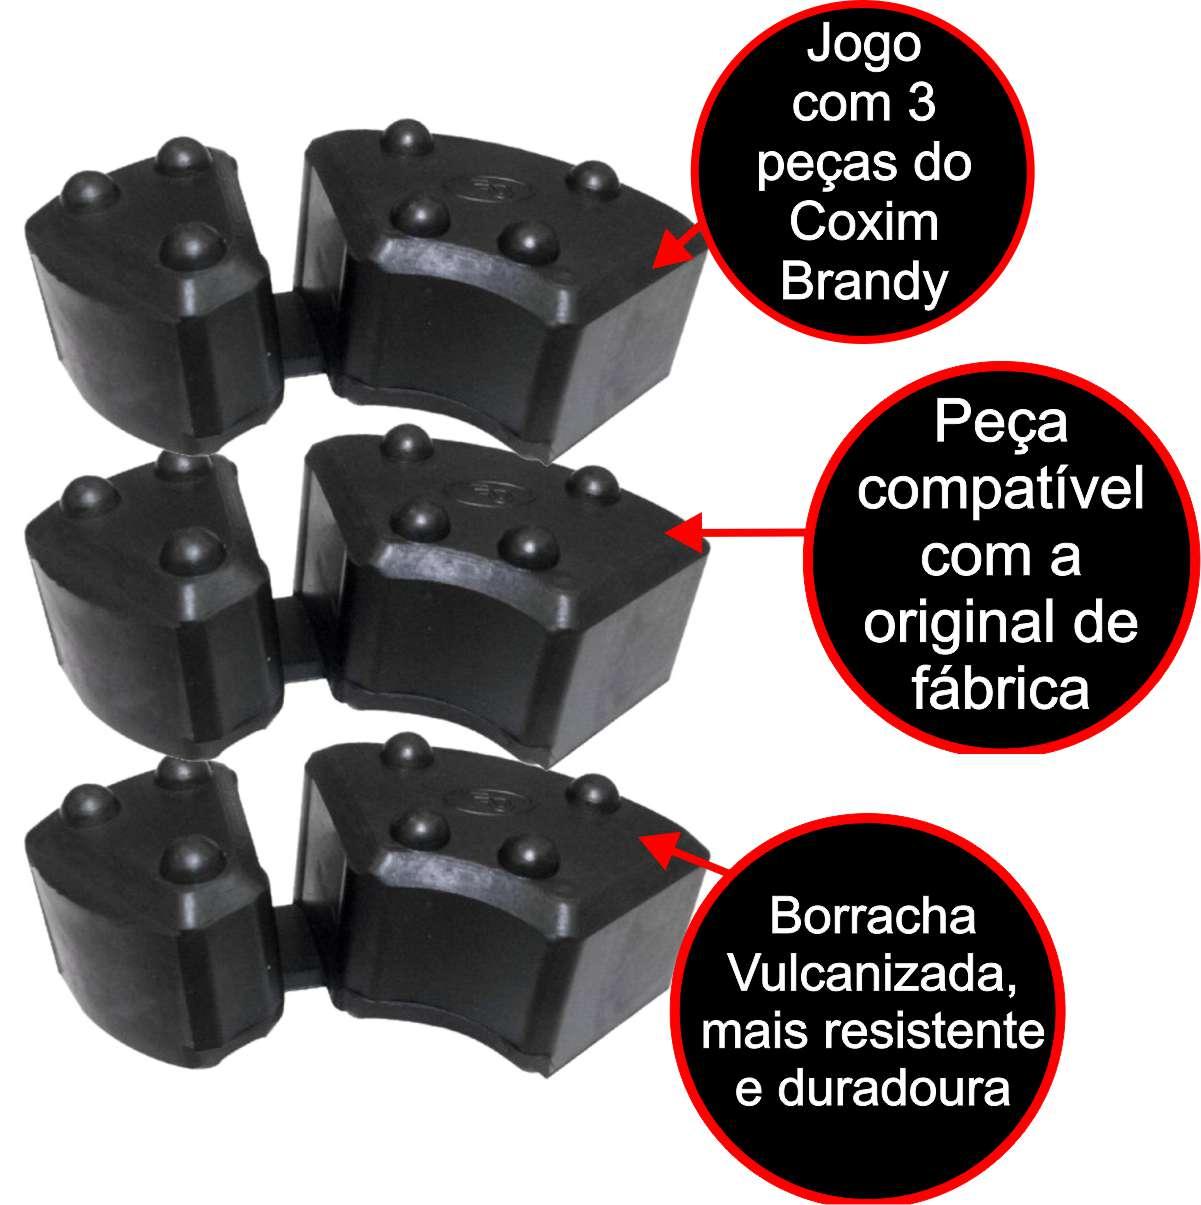 COXIM BRANDY CUBO TRASEIRO BORRACHA RODA MOTO BMW G 650 GS / BMW F 650 GS até 2007 JOGO COM 3 PEÇAS